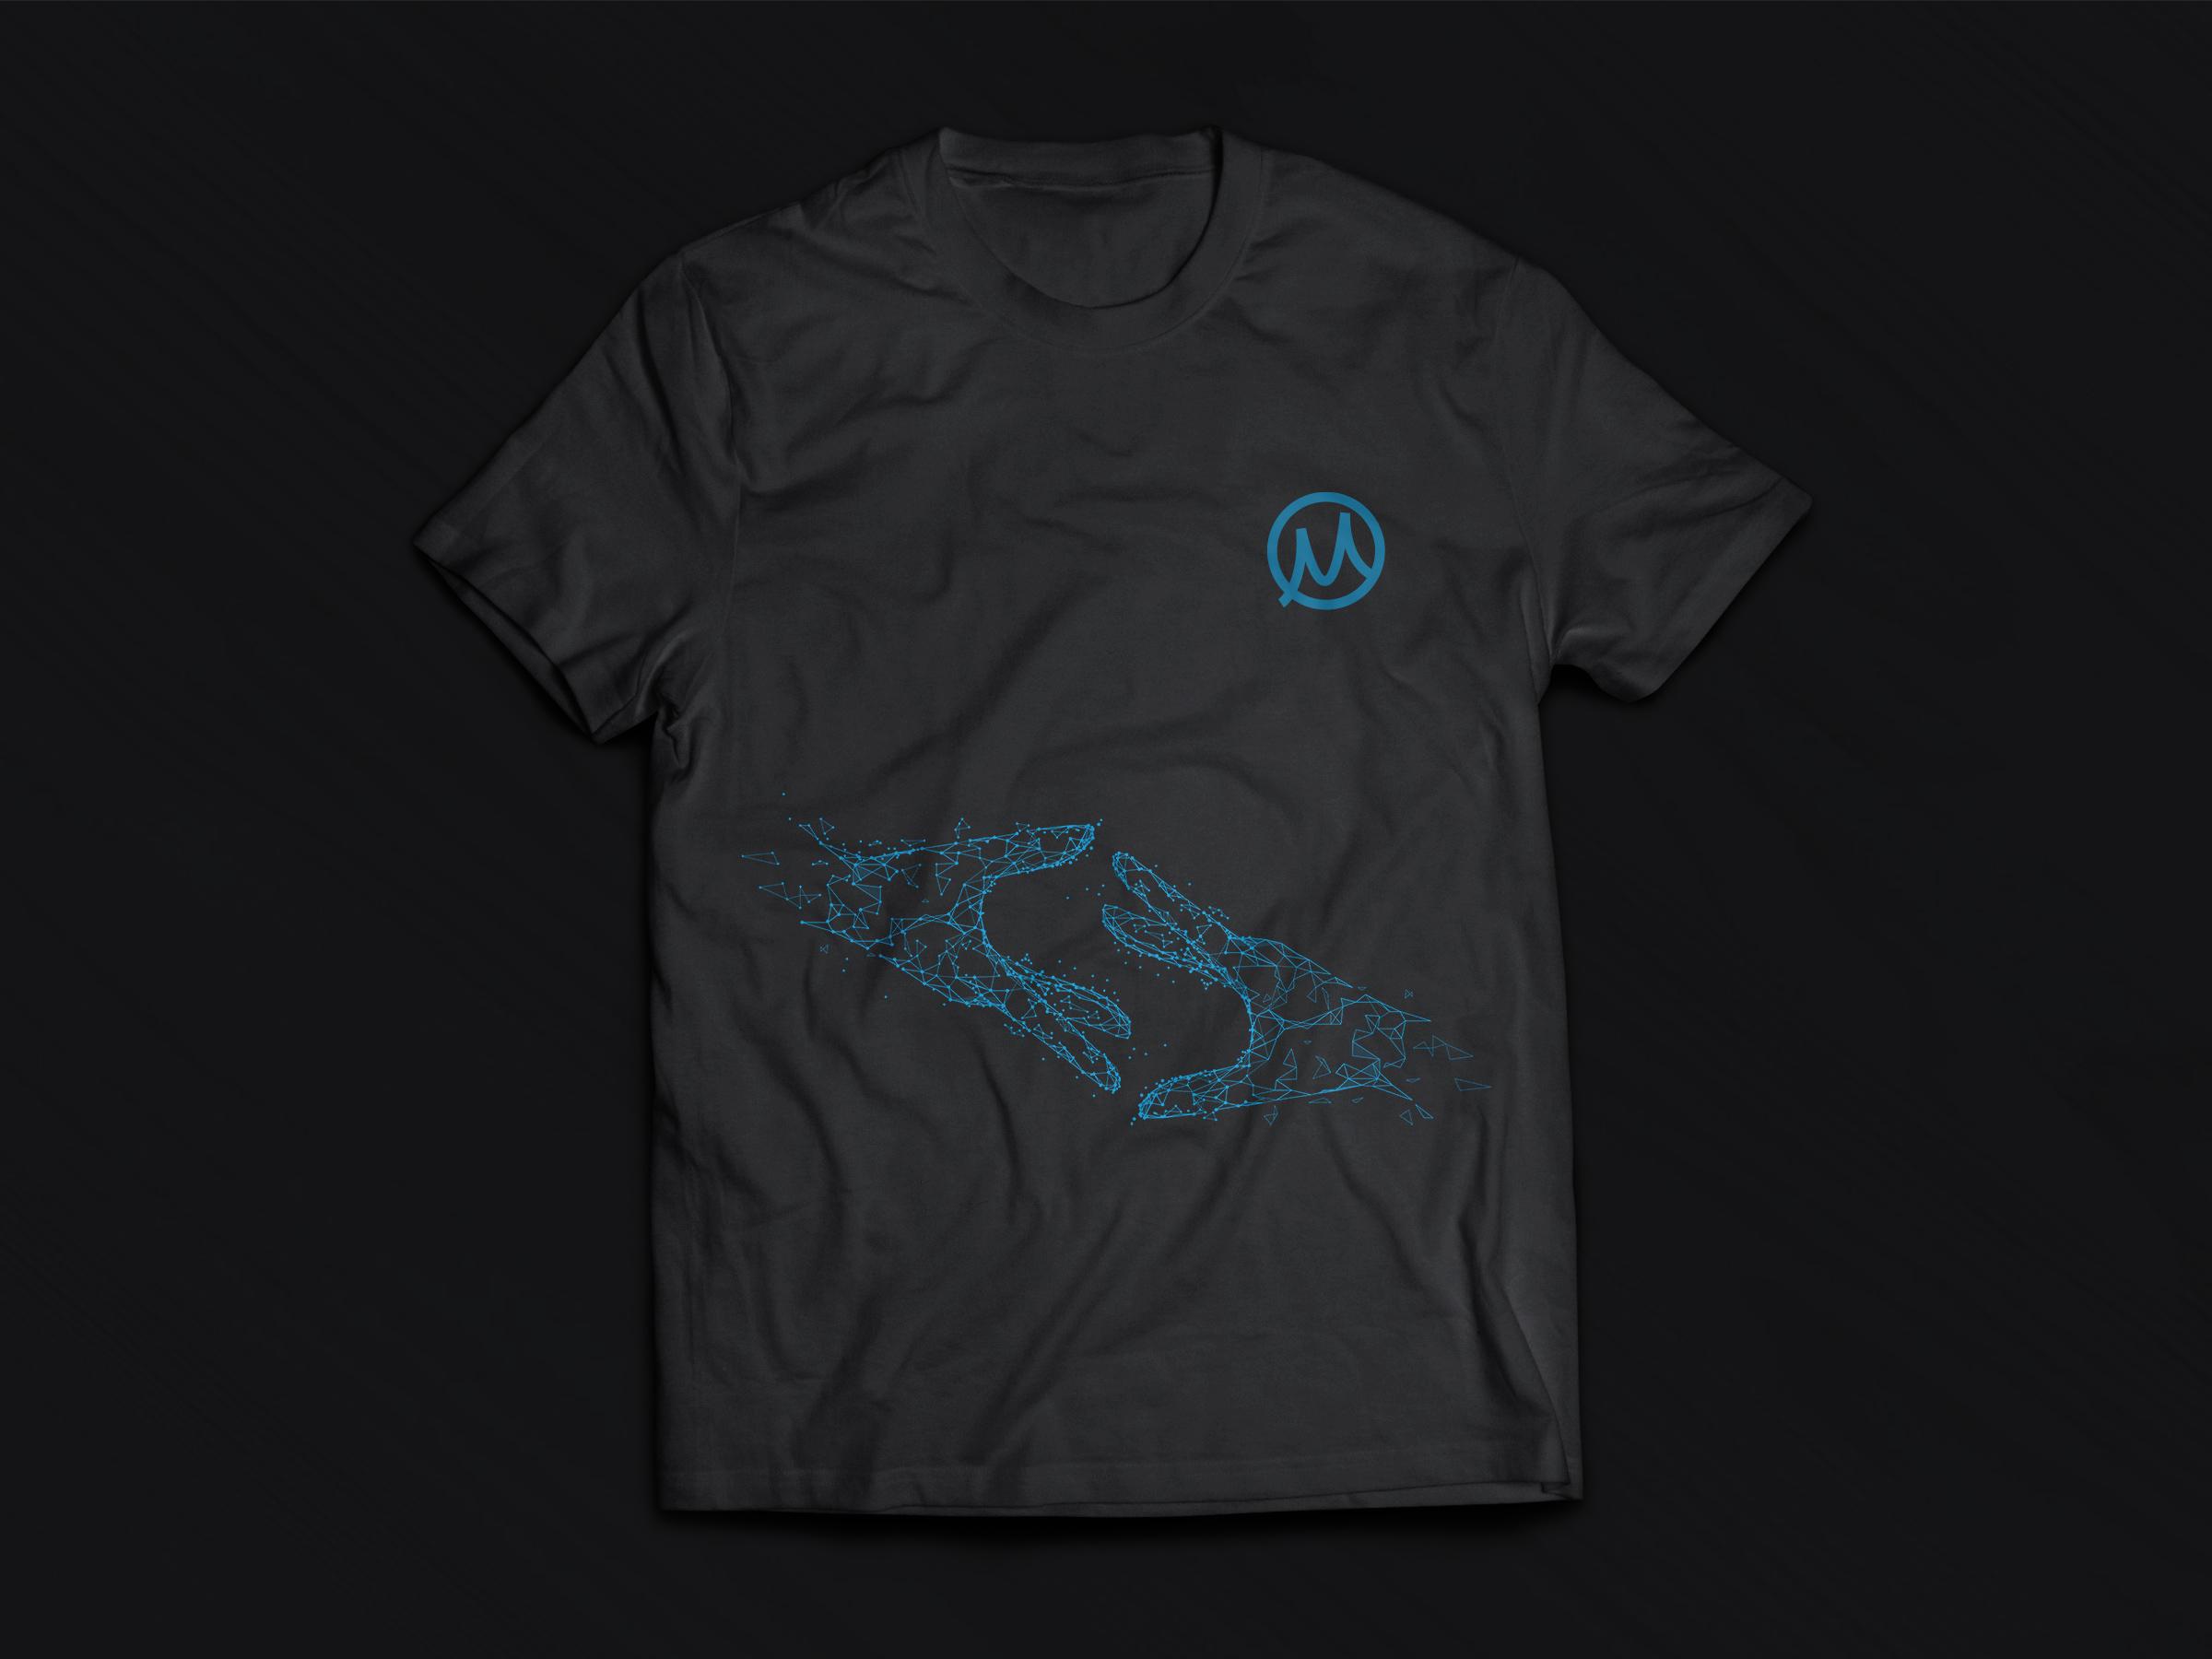 Нарисовать принты на футболки для компании Моторика фото f_35660a15ad476a65.jpg